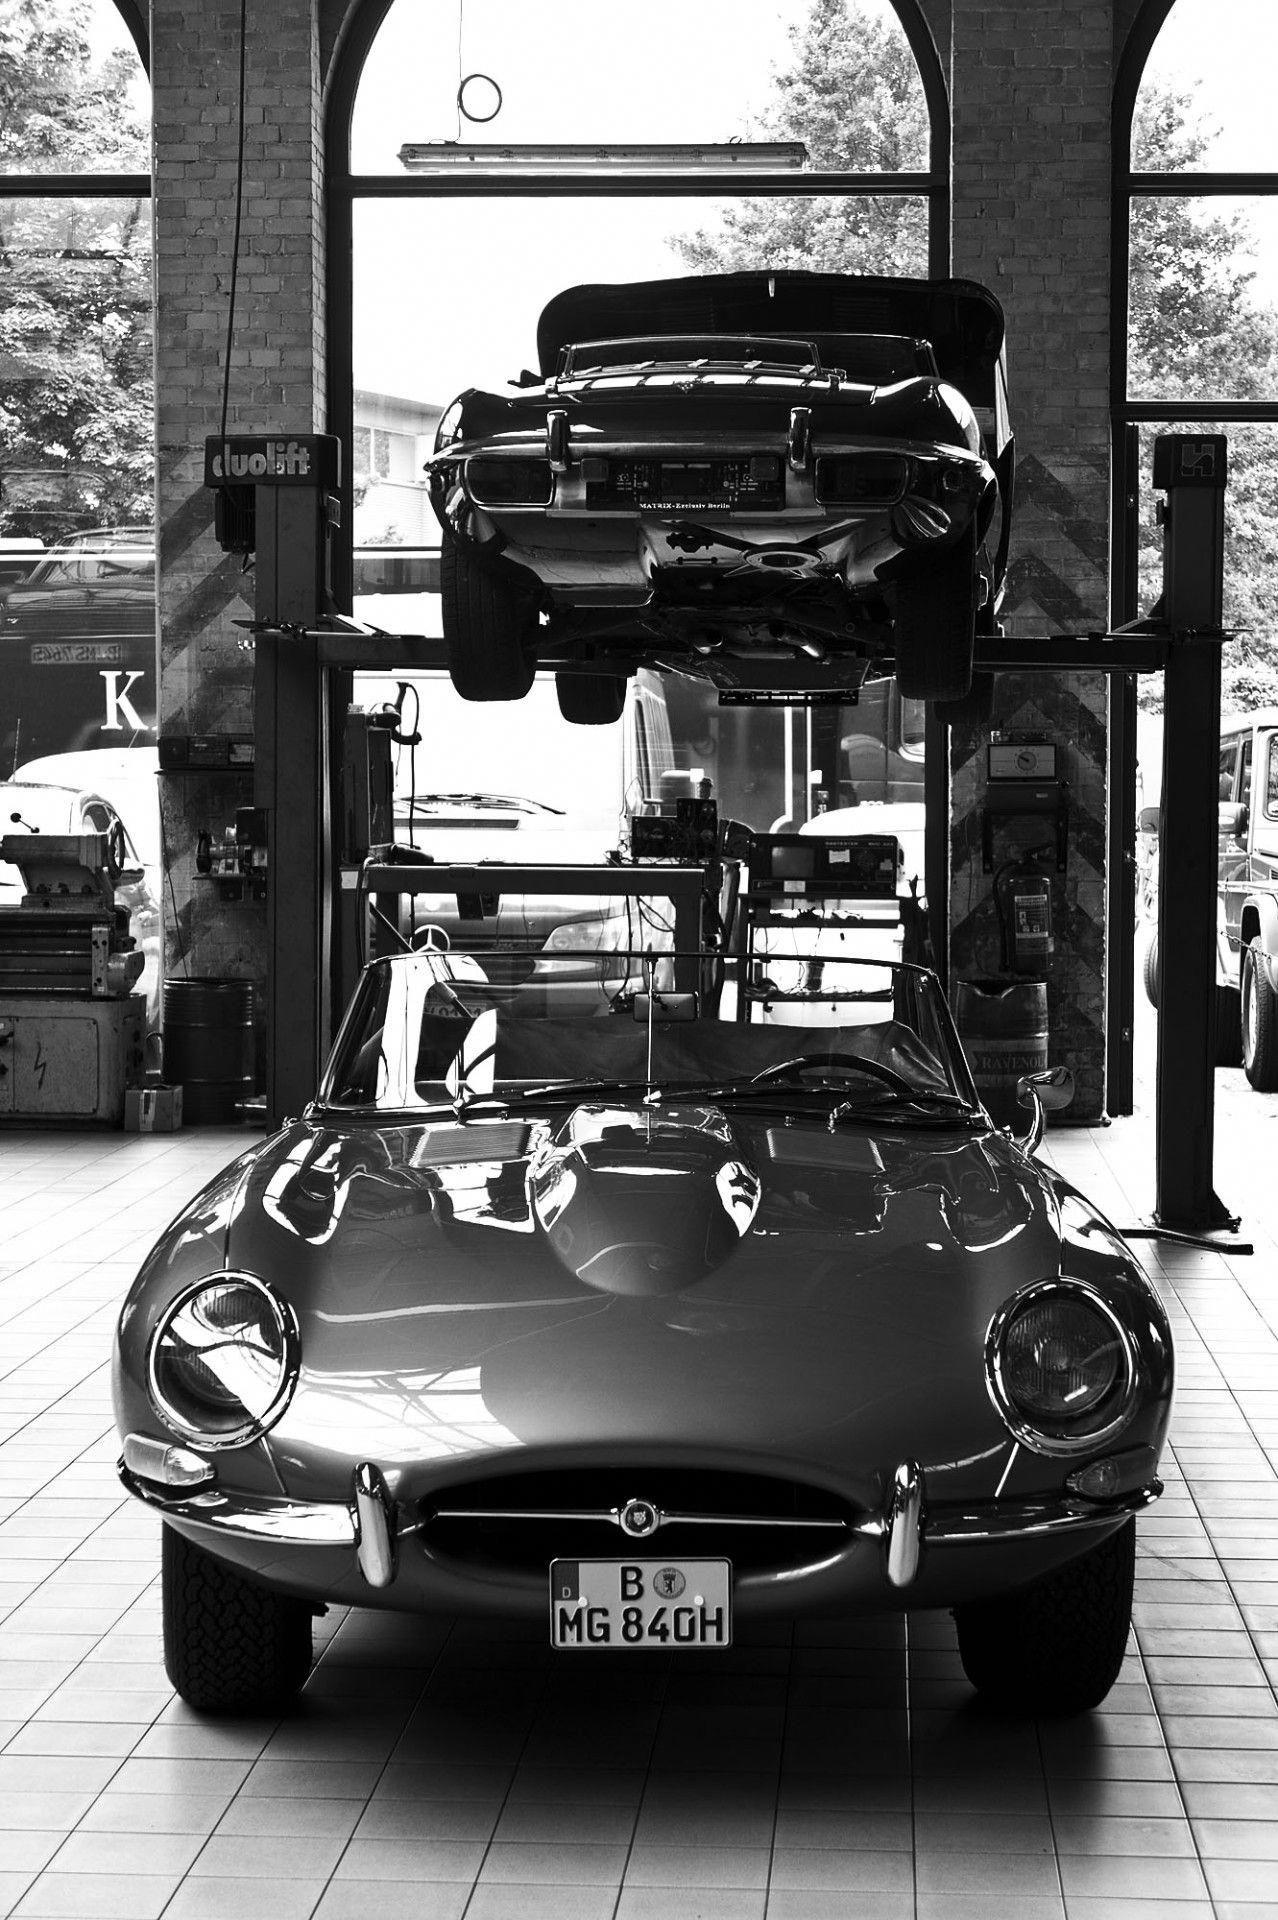 Time Wasting Machine — Jaguar Etype in Mielenwerk Berlin